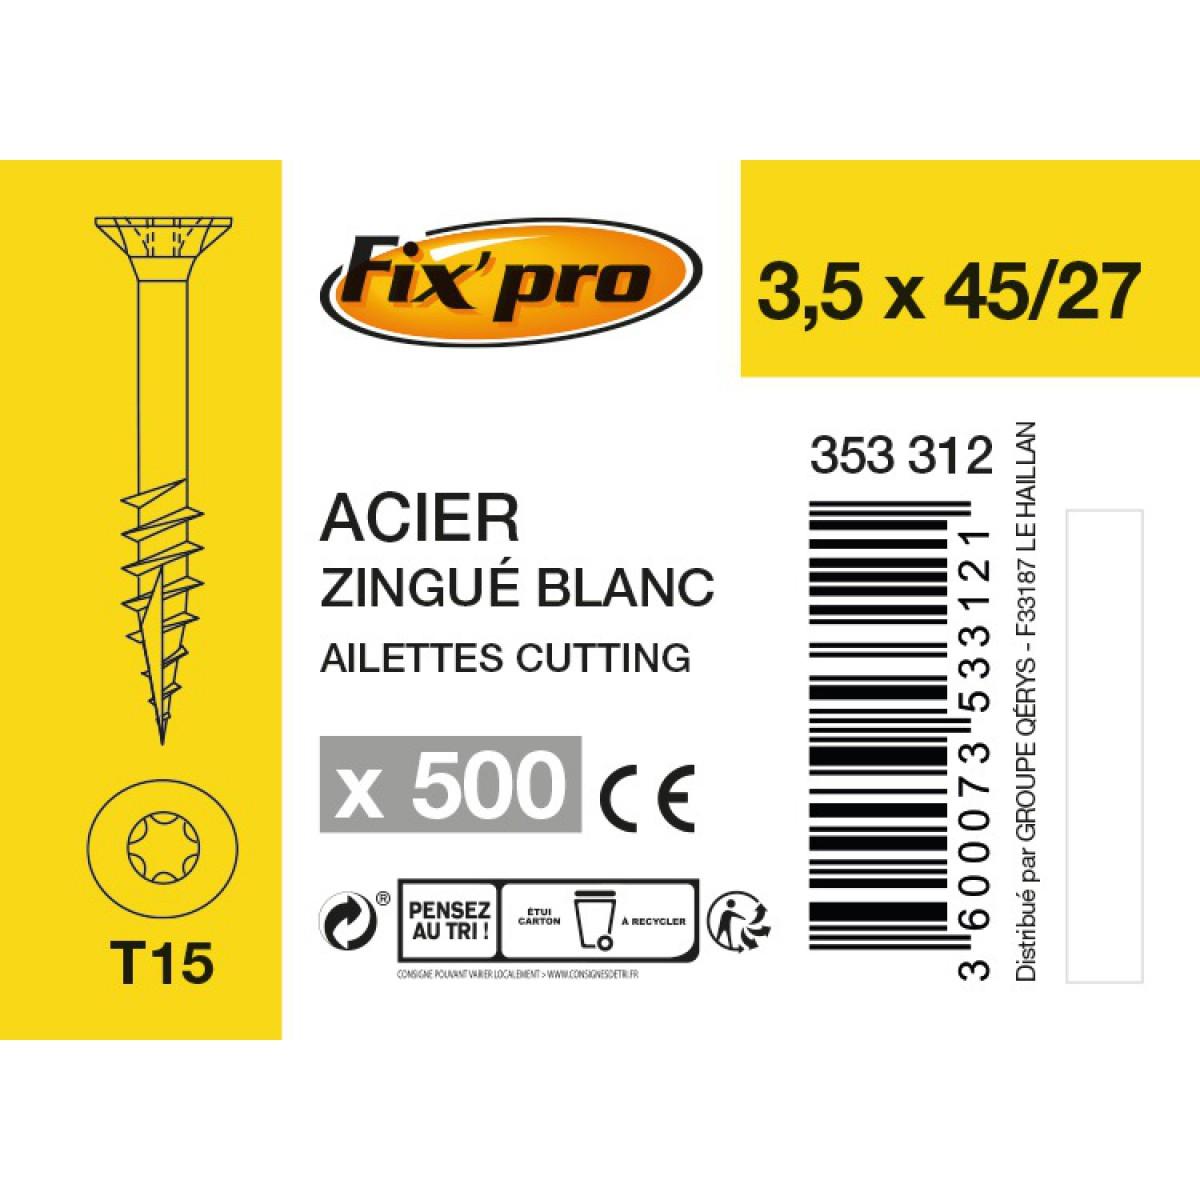 Vis à bois tête fraisée TX - 3,5x45/27 - 500pces - Fixpro